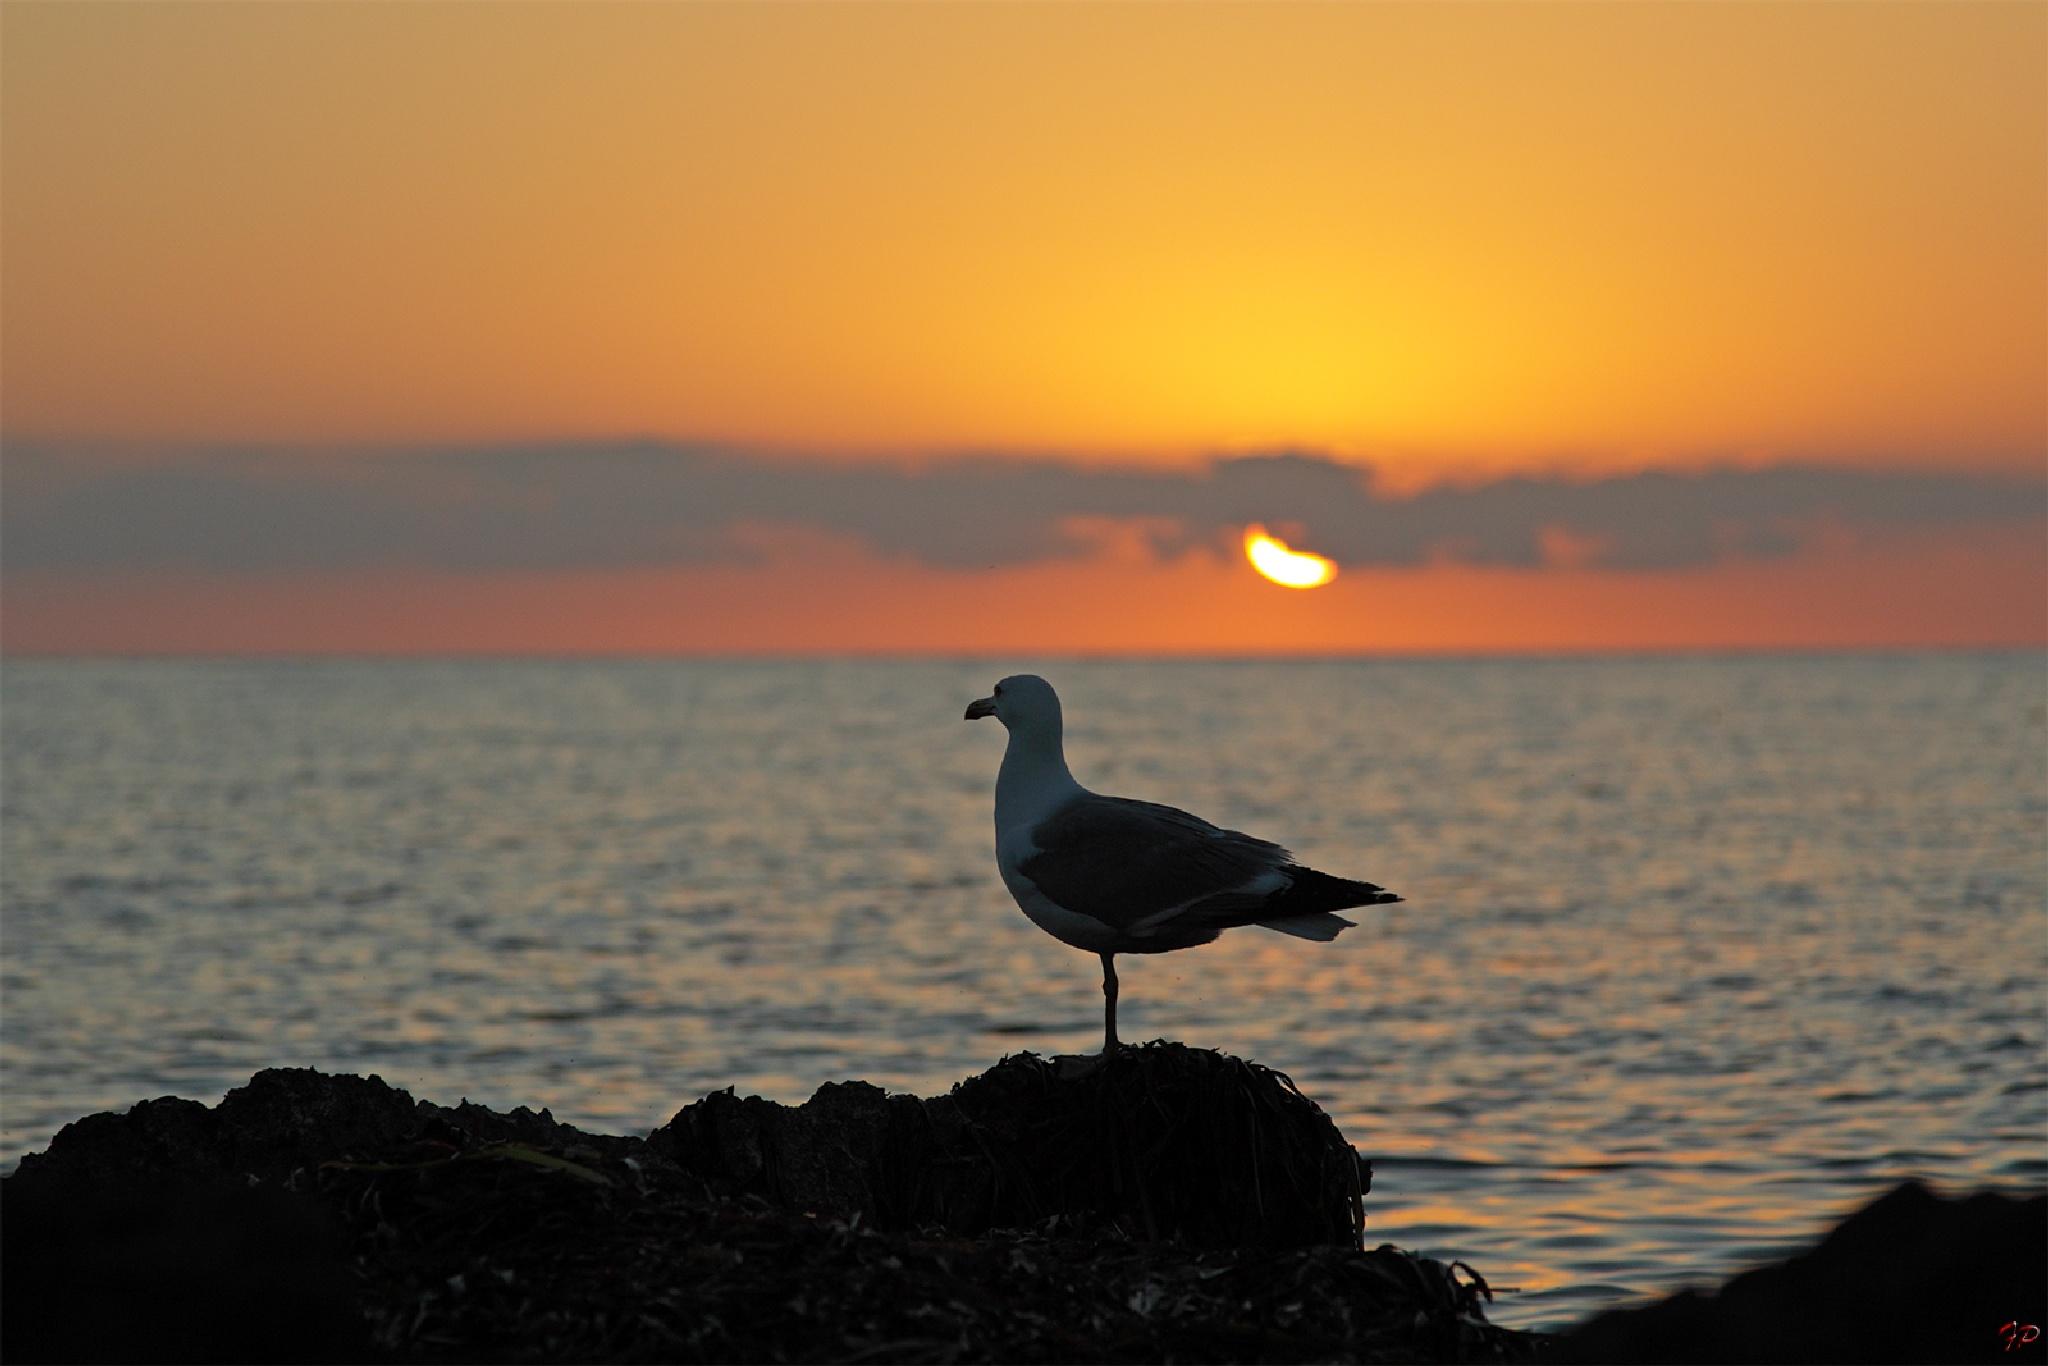 at sunset by Fabio Pisciotta